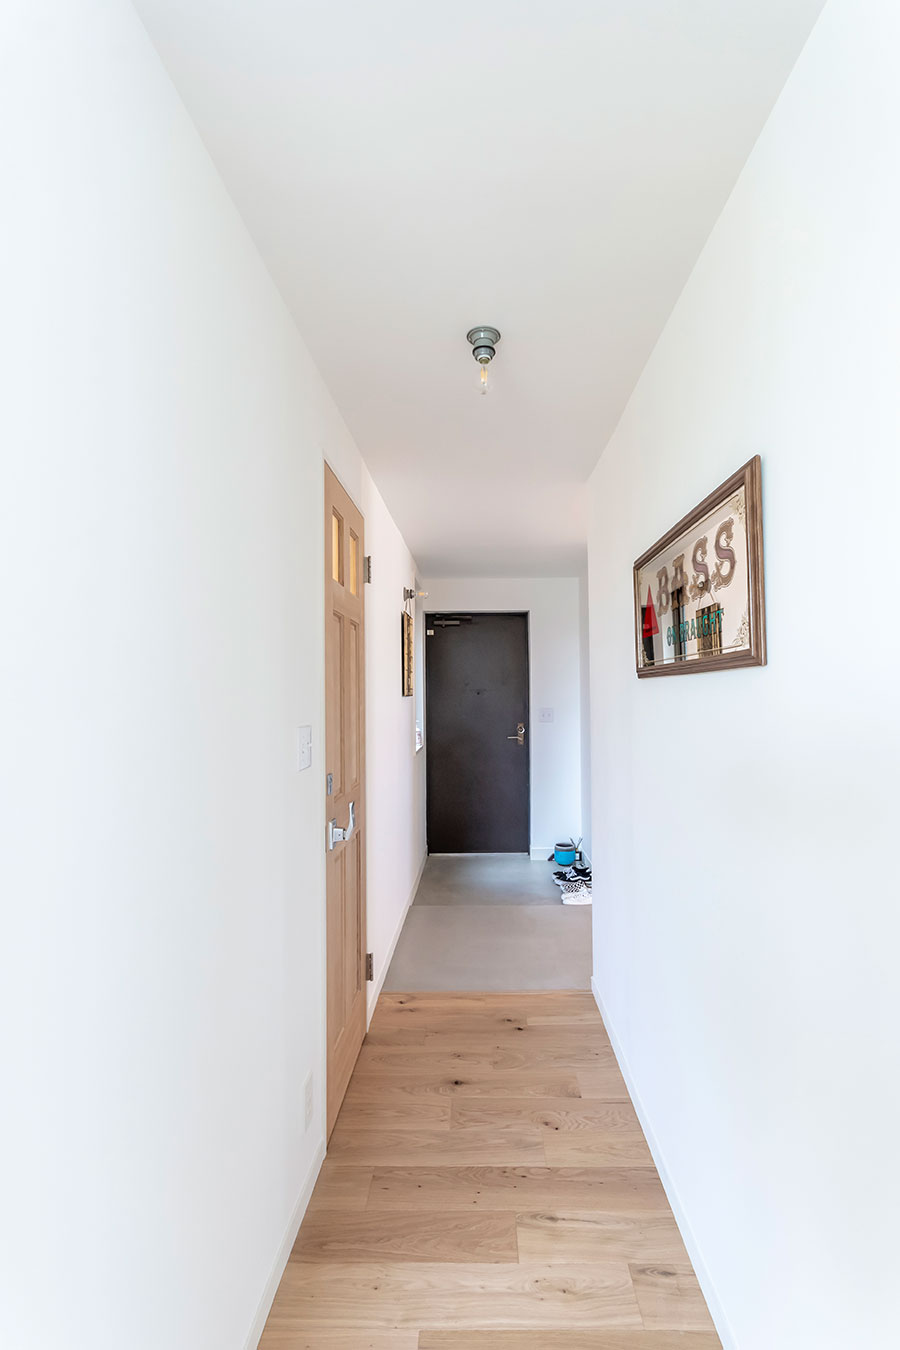 玄関から土間までの床はモルタル塗装、廊下から先は楢の無垢材を使用。